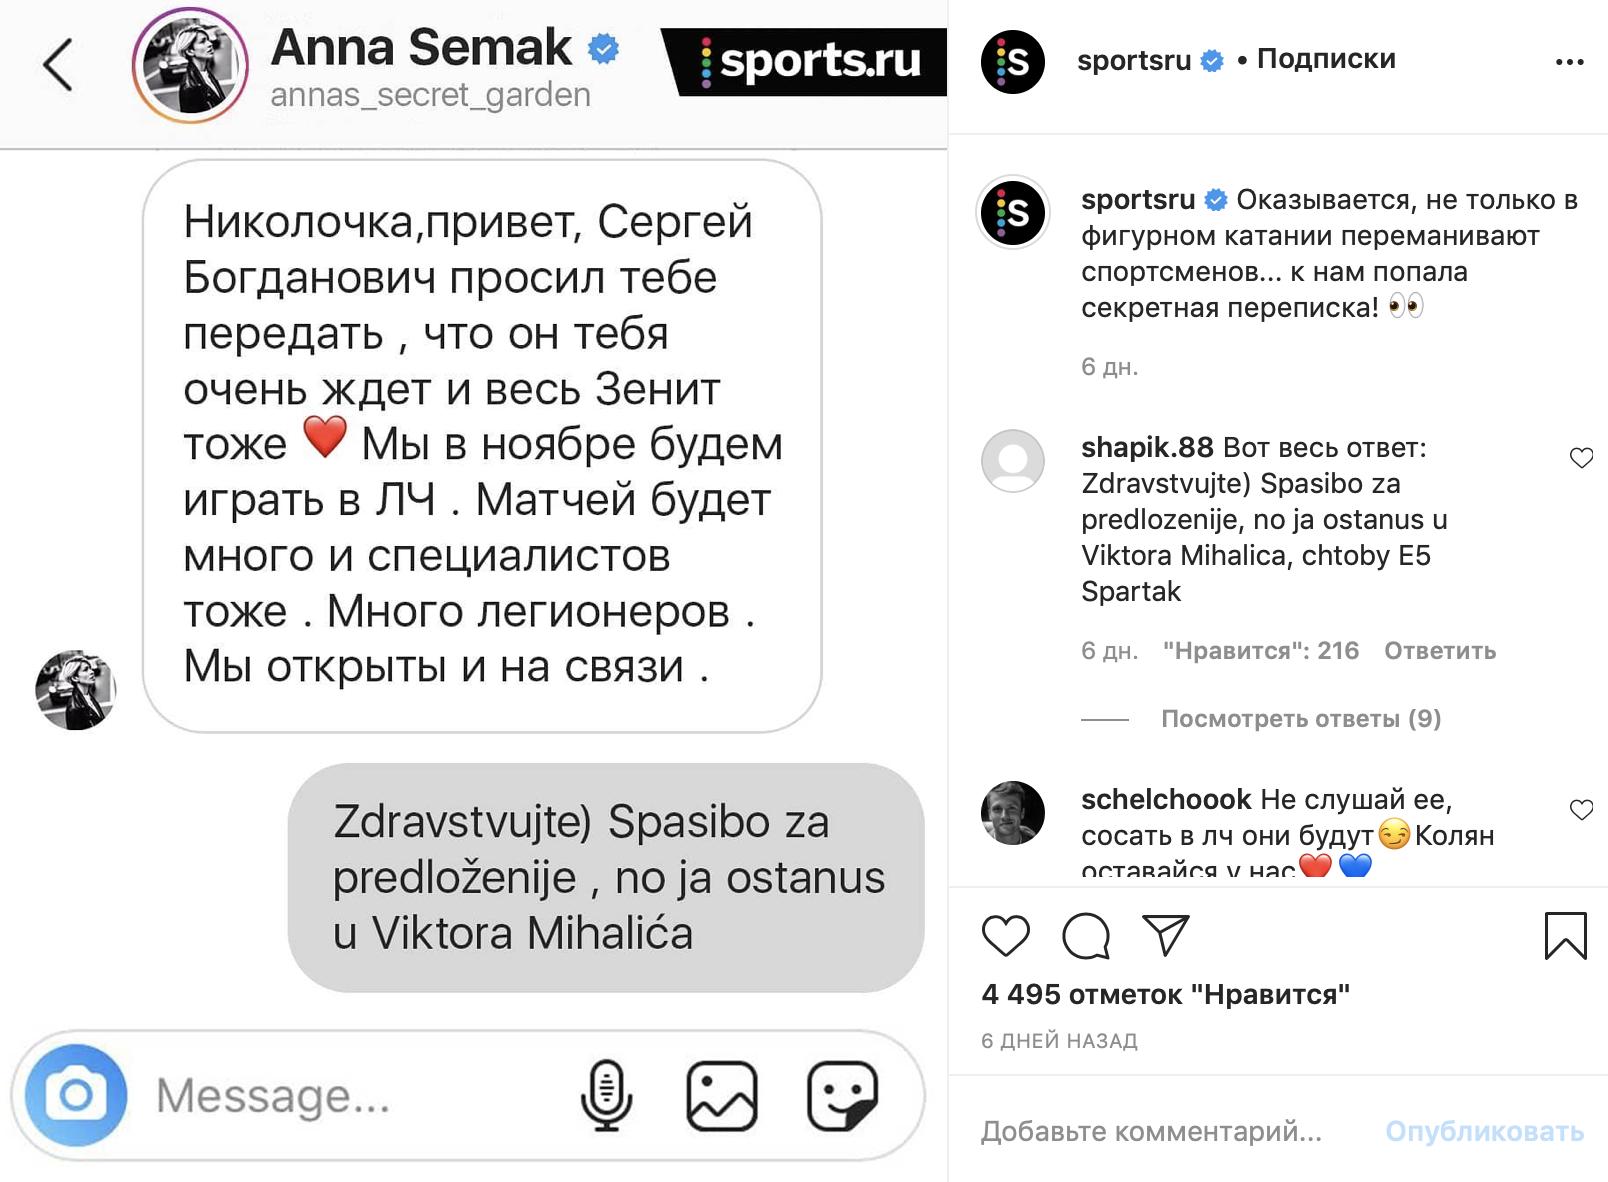 Семак жестко недоволен Sports.ru из-за «фальсификации переписки» его жены с Влашичем. Вот наше заявление о юморе и агрессии